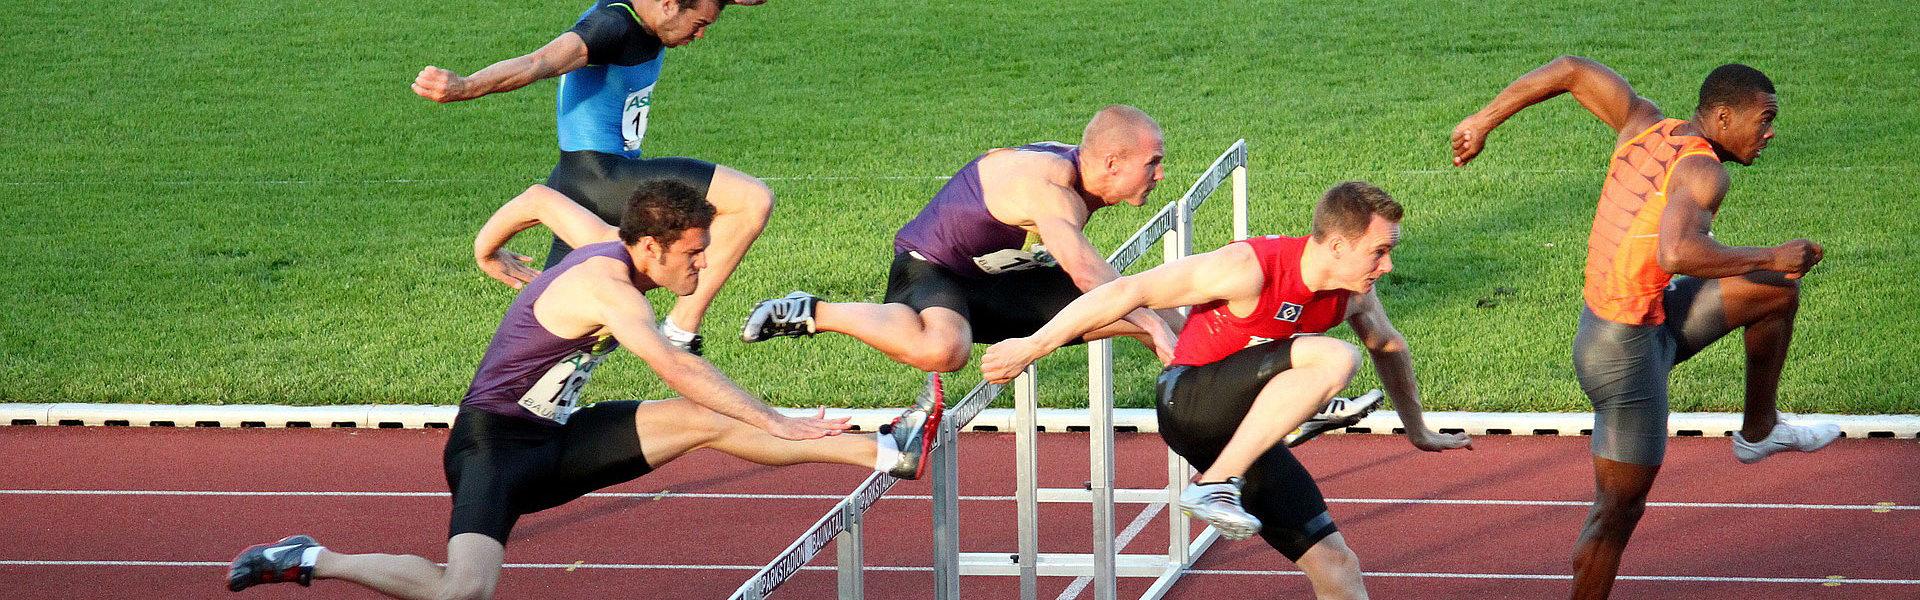 Leichtathletik-Verband Rheinhessen